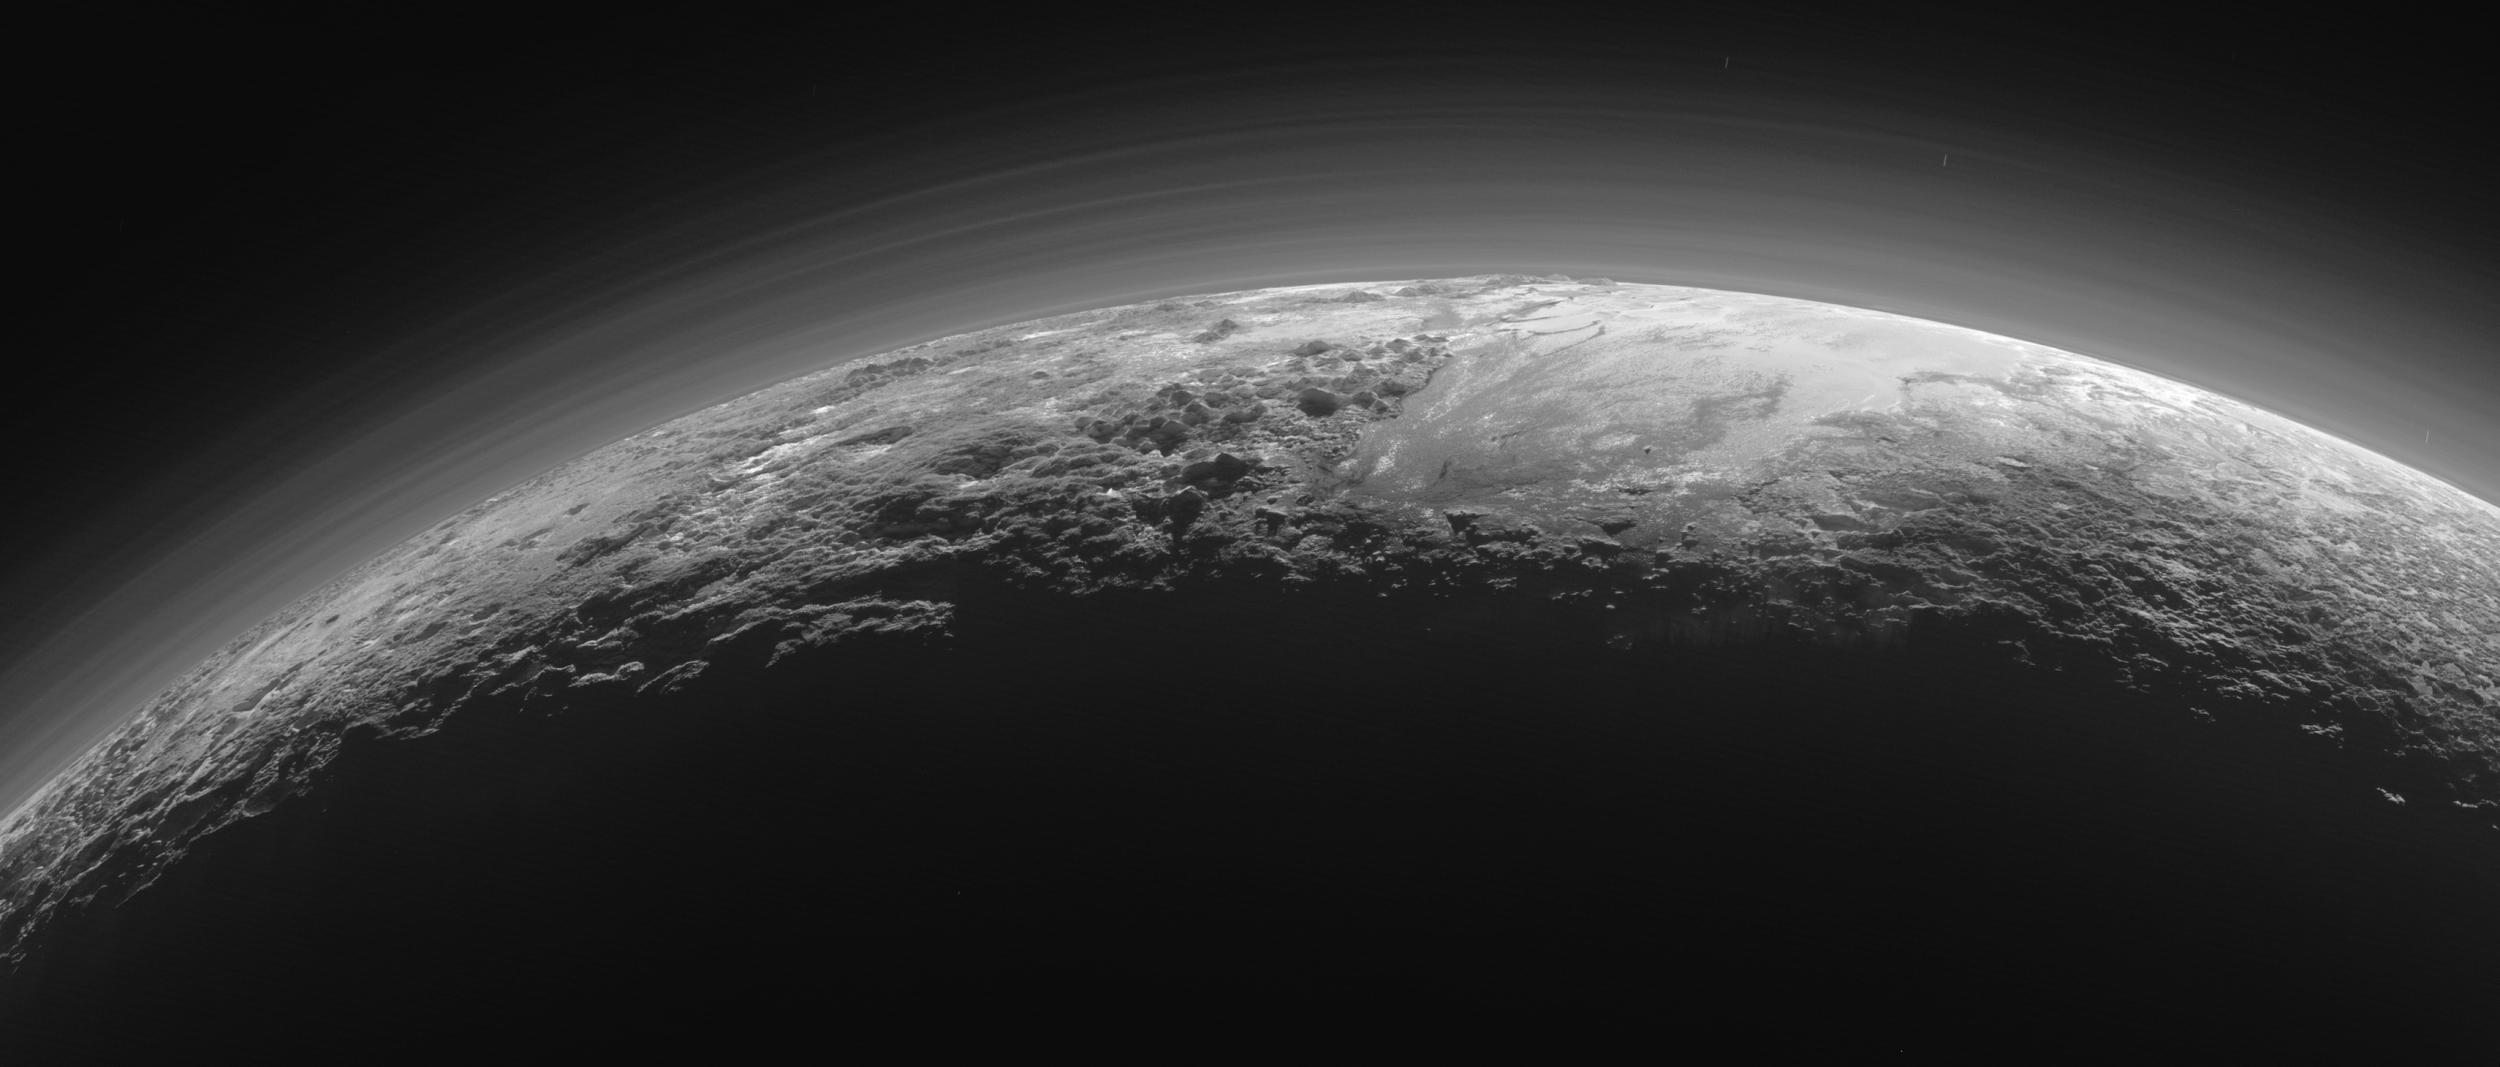 9-18-15 Pluto 1